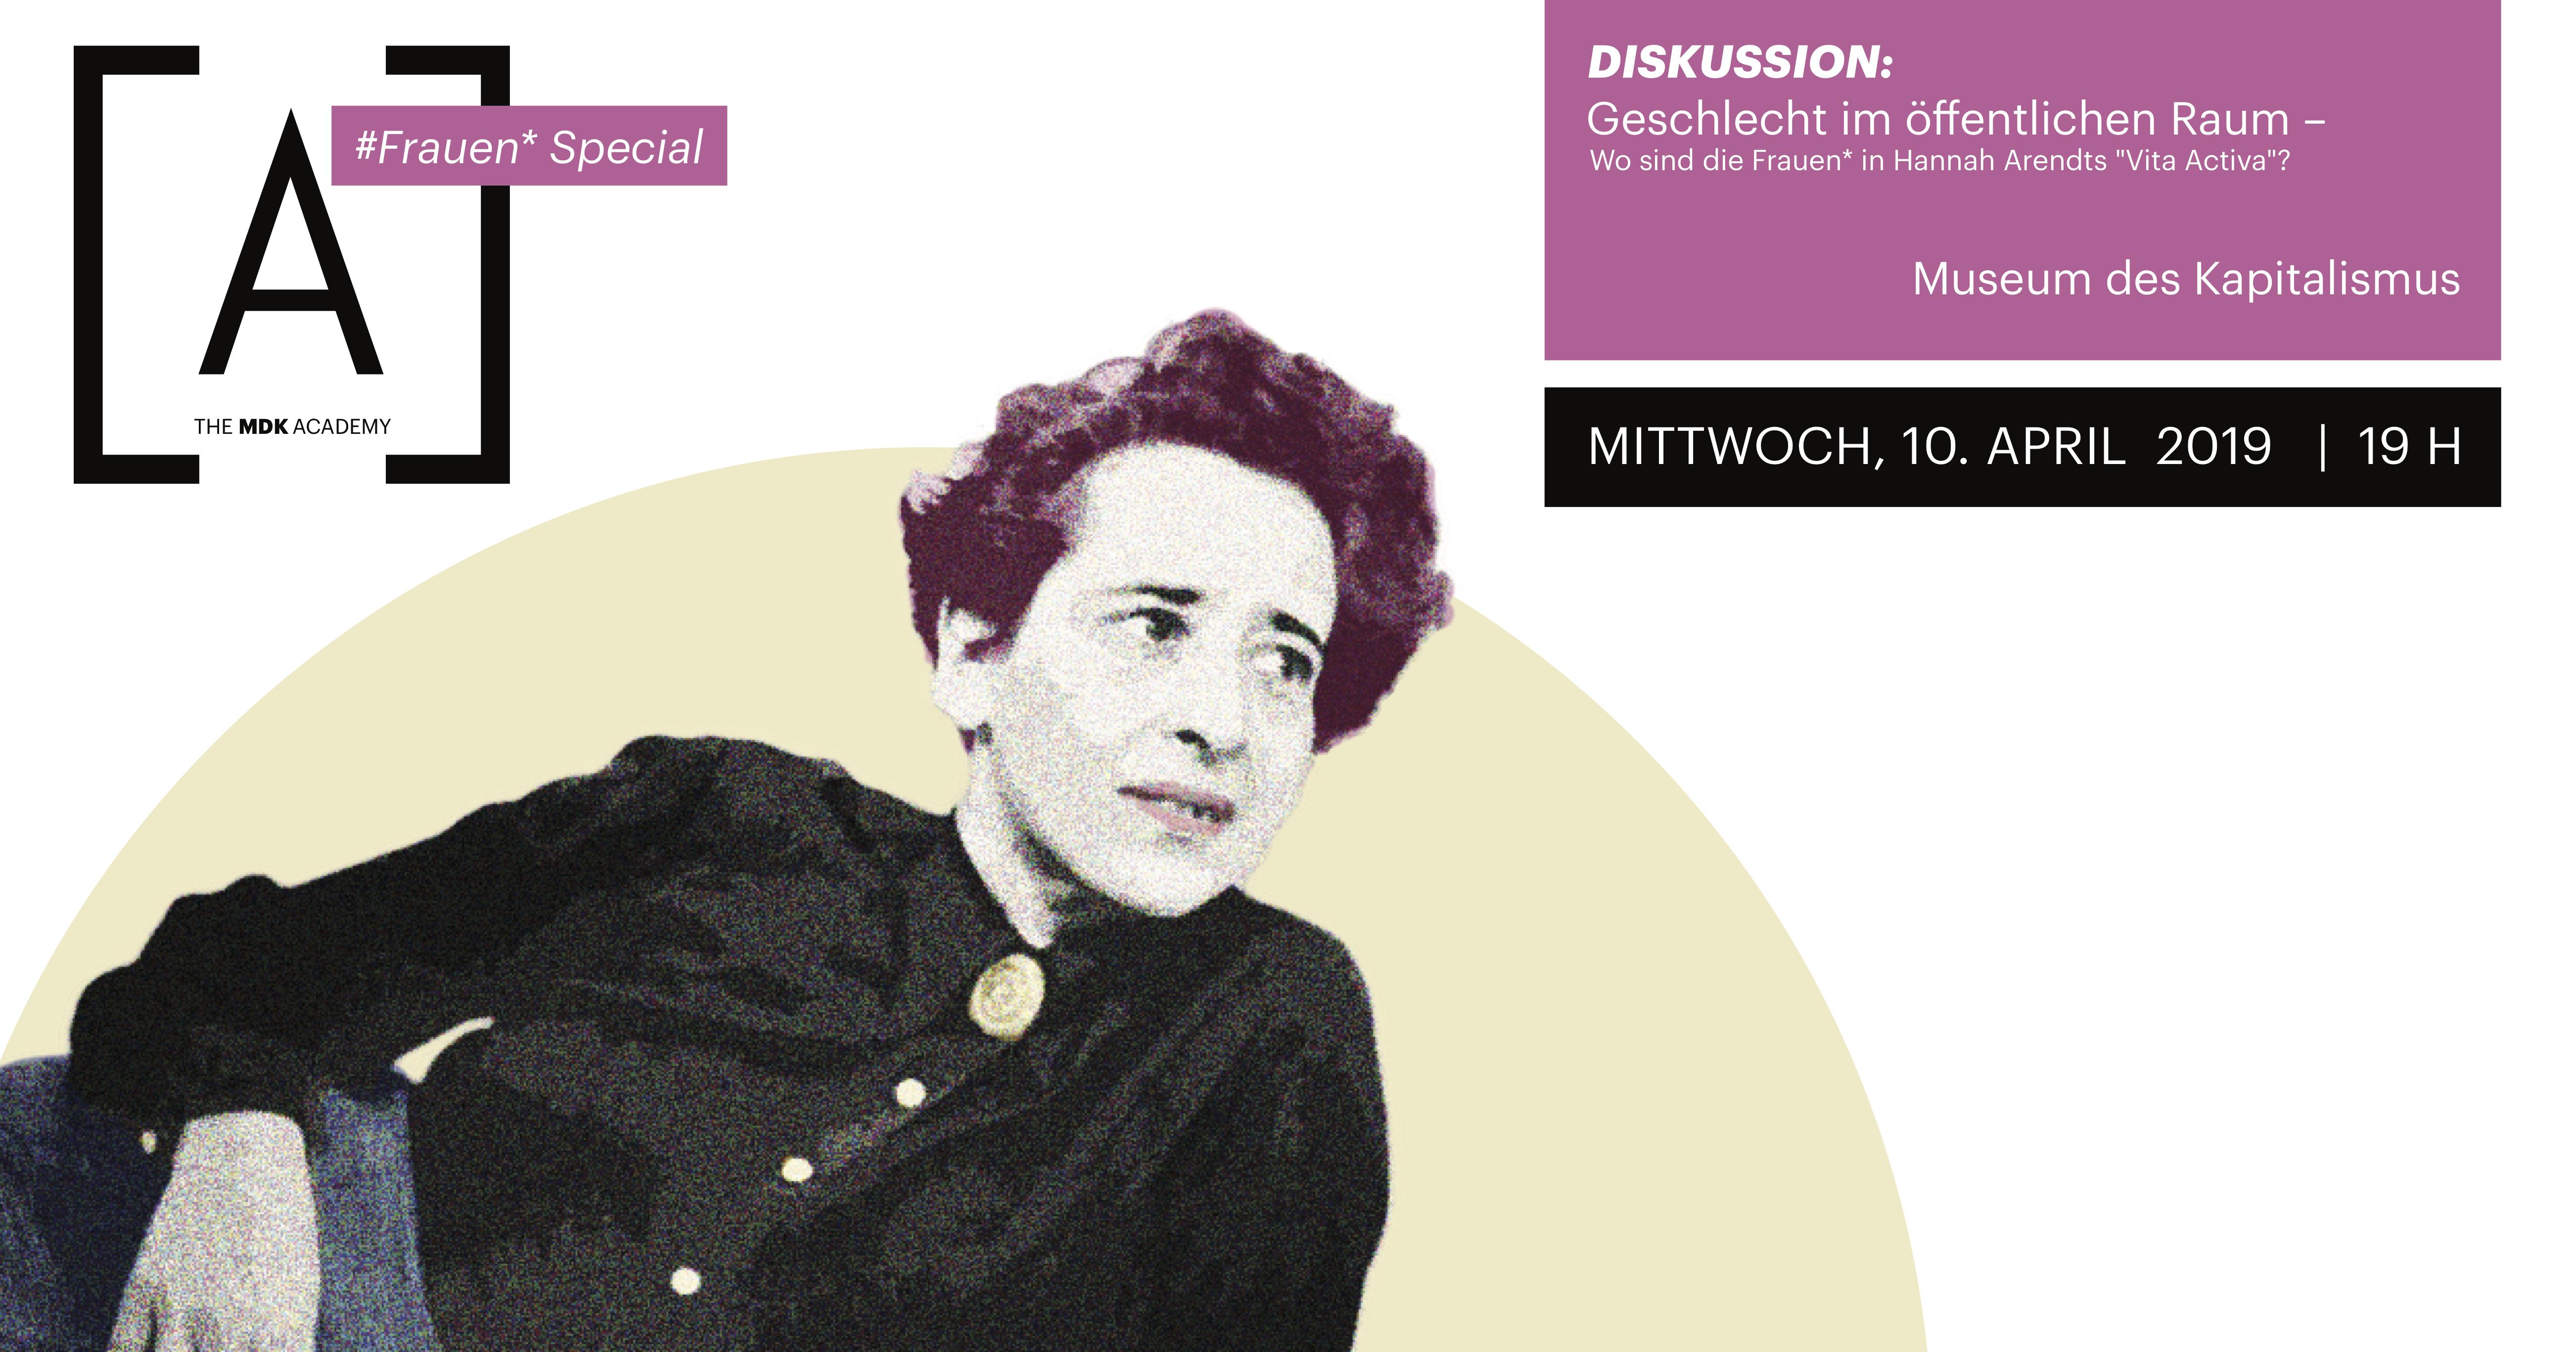 Hannah_Arendt_Museum_des_Kapitalismus